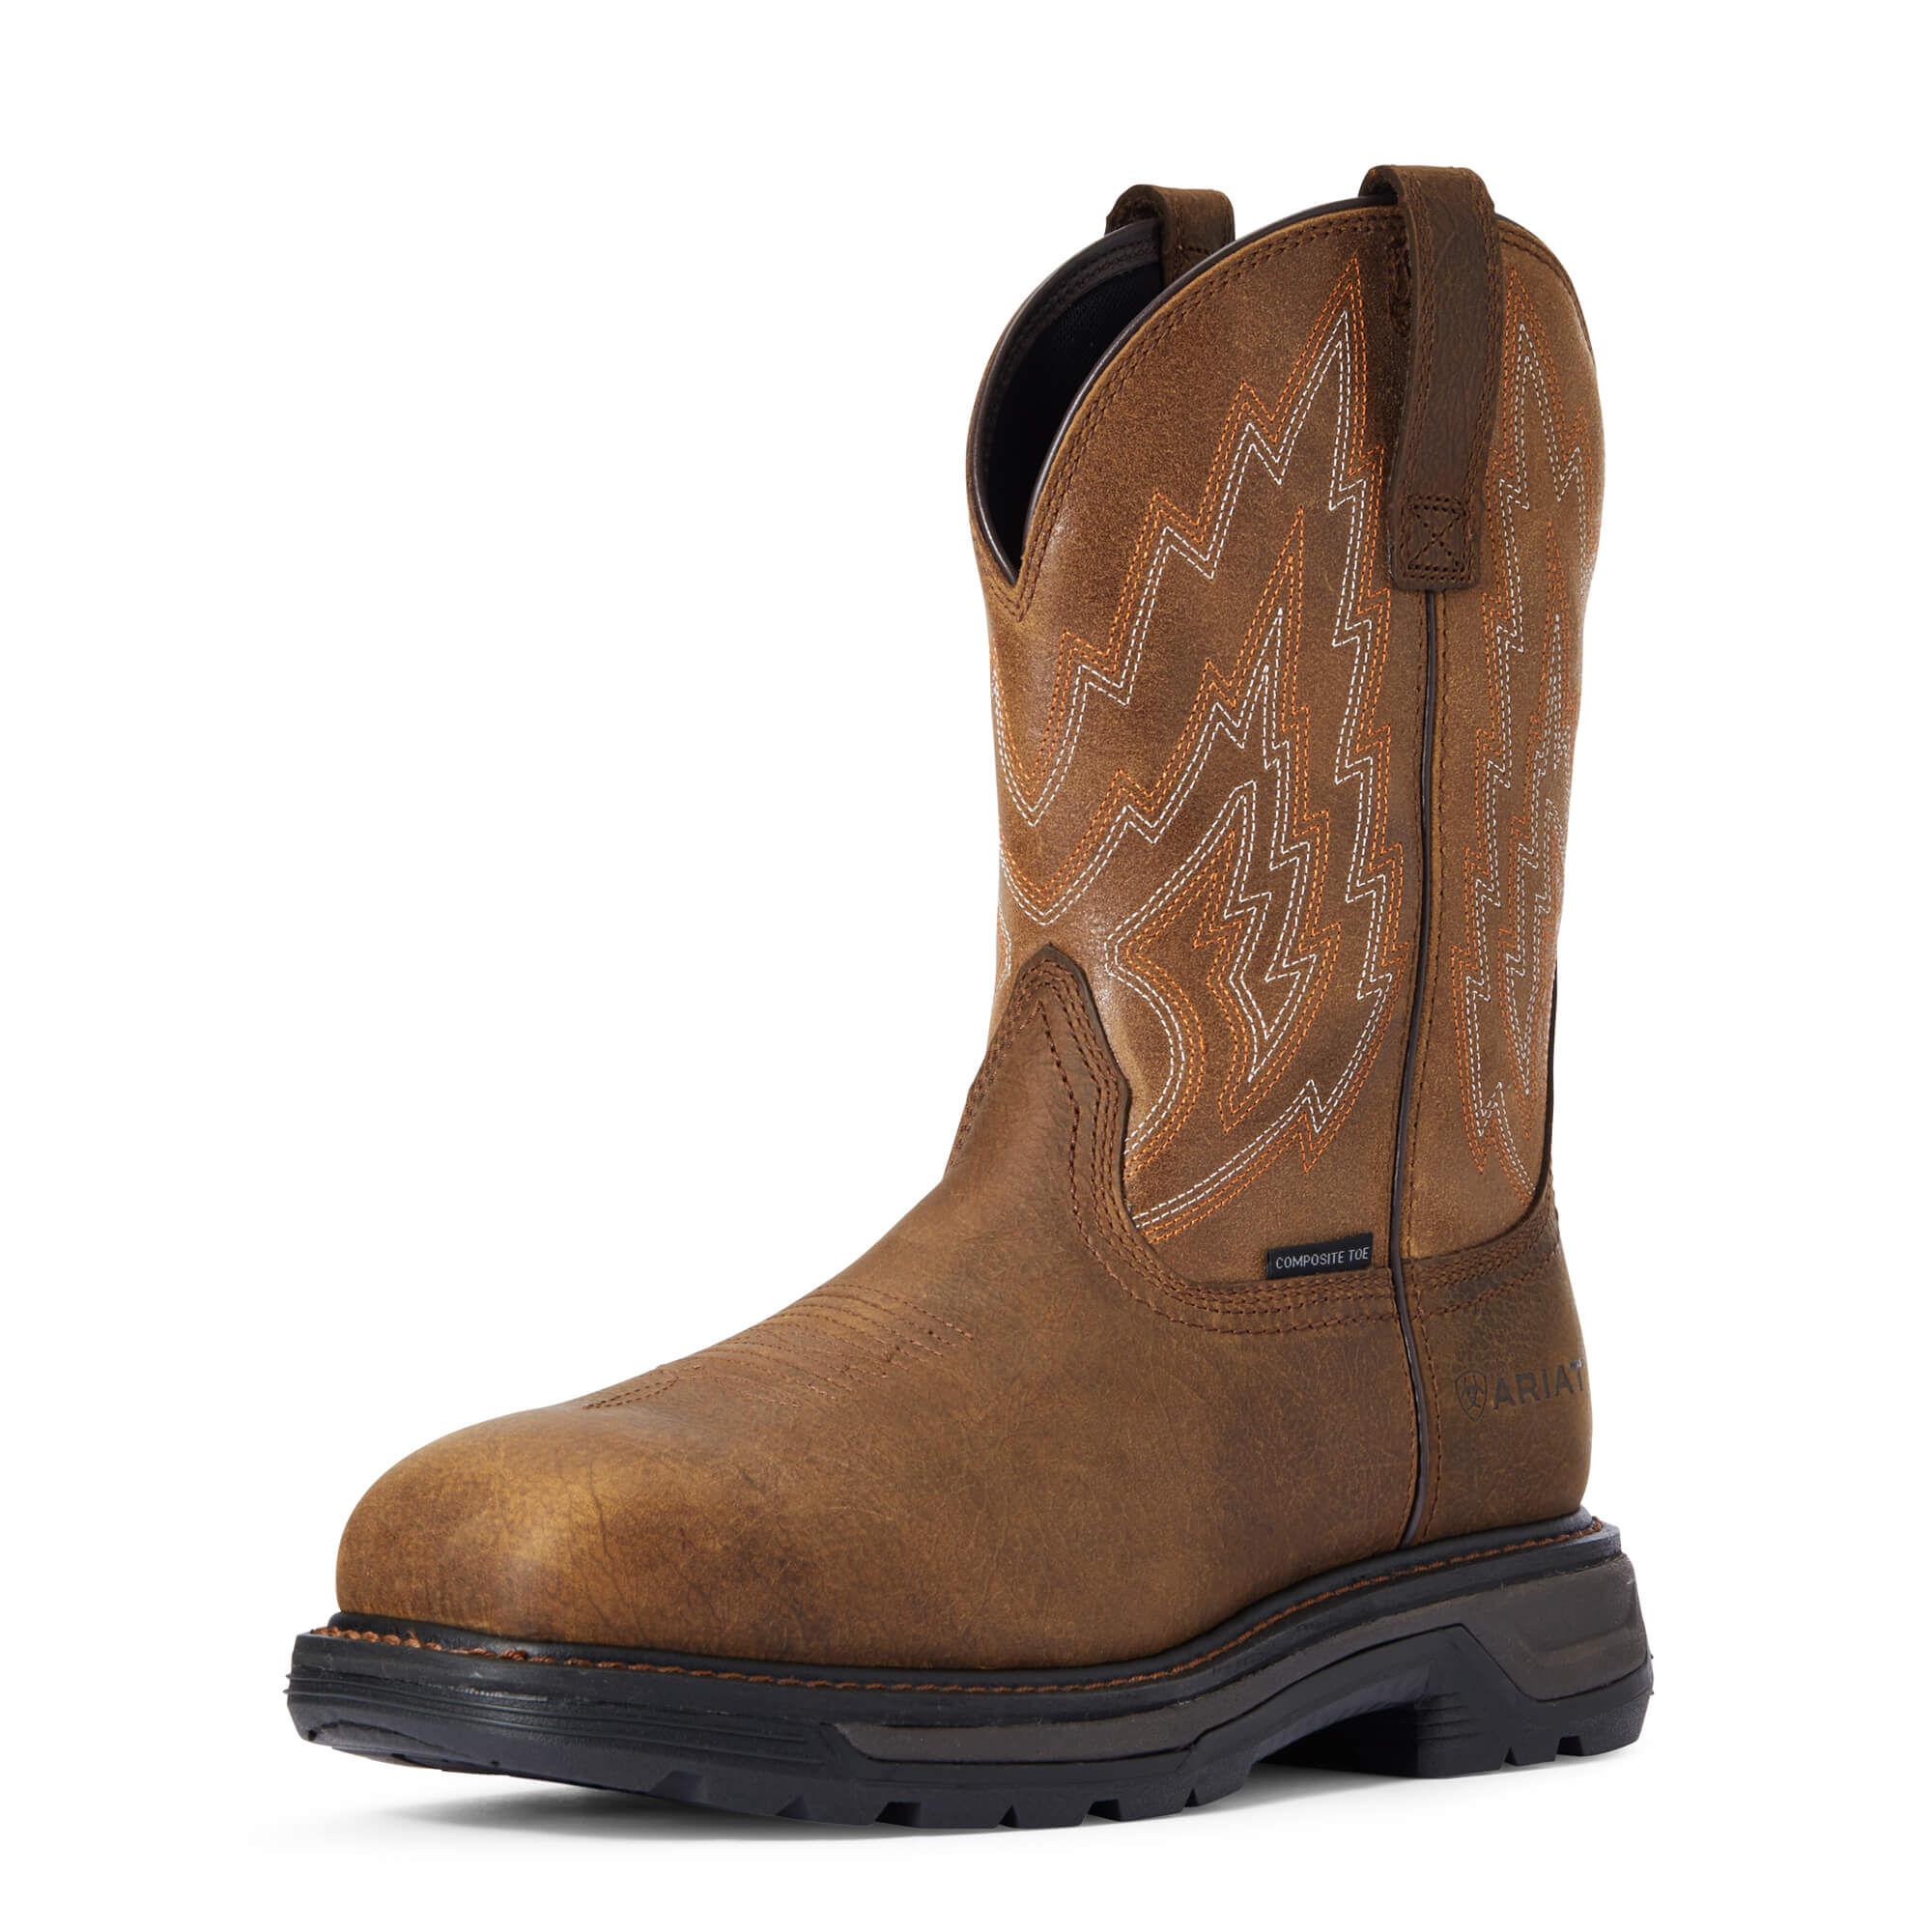 Men's Cowboy Work Boots - Western Work